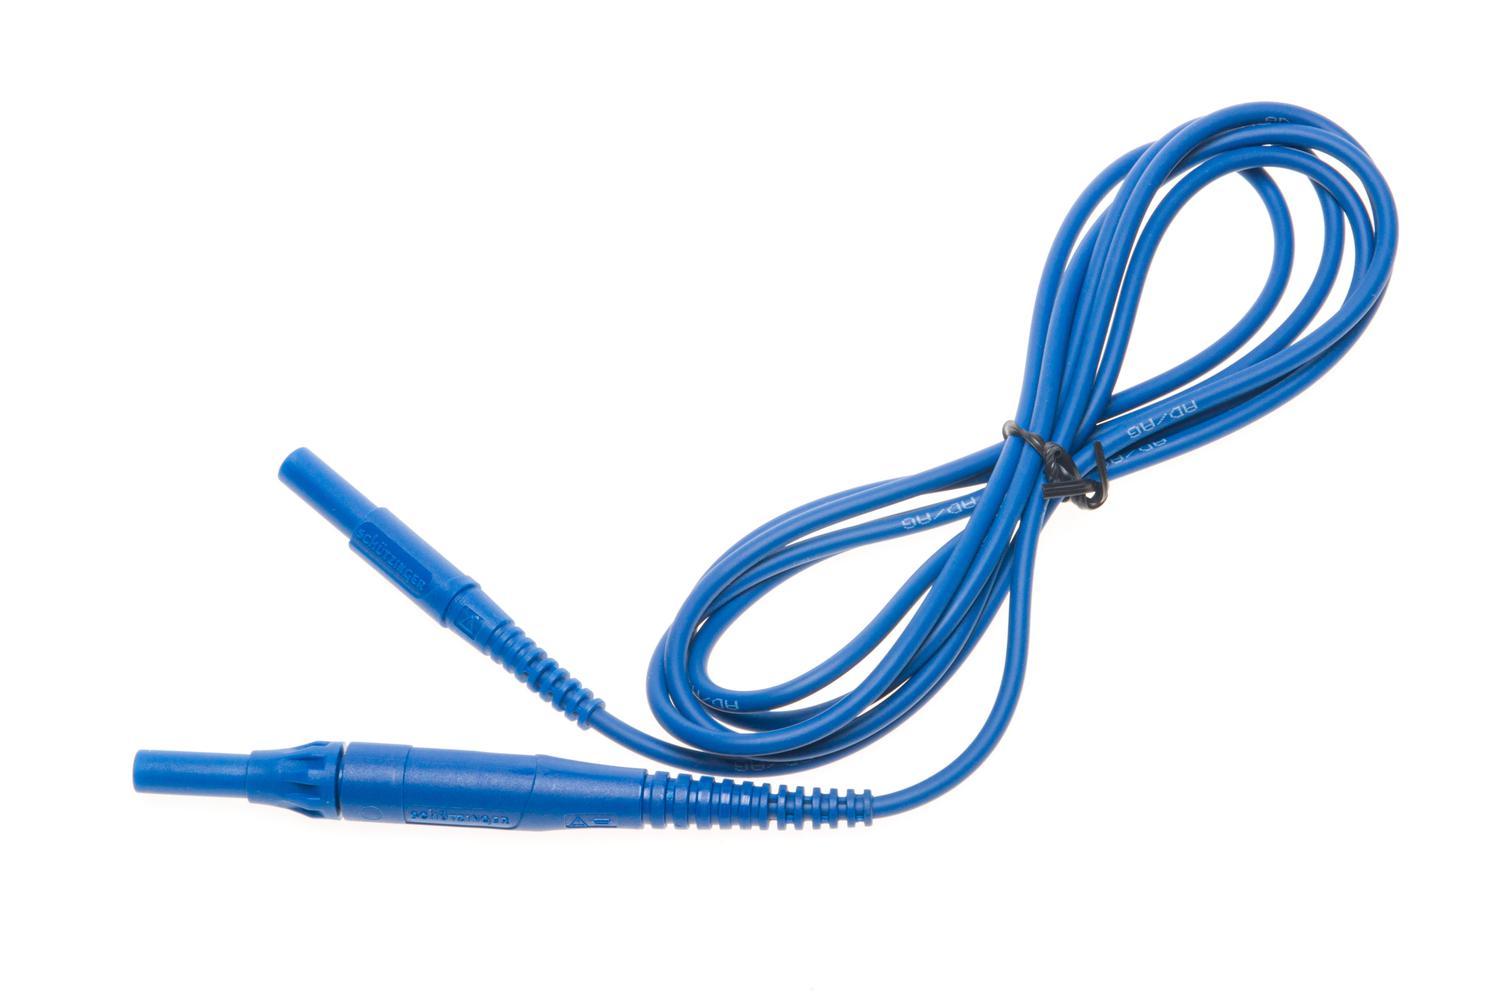 Przewód 2 m niebieski CAT IV 1000 V (wtyki bananowe z bezpiecznikiem 10 A)